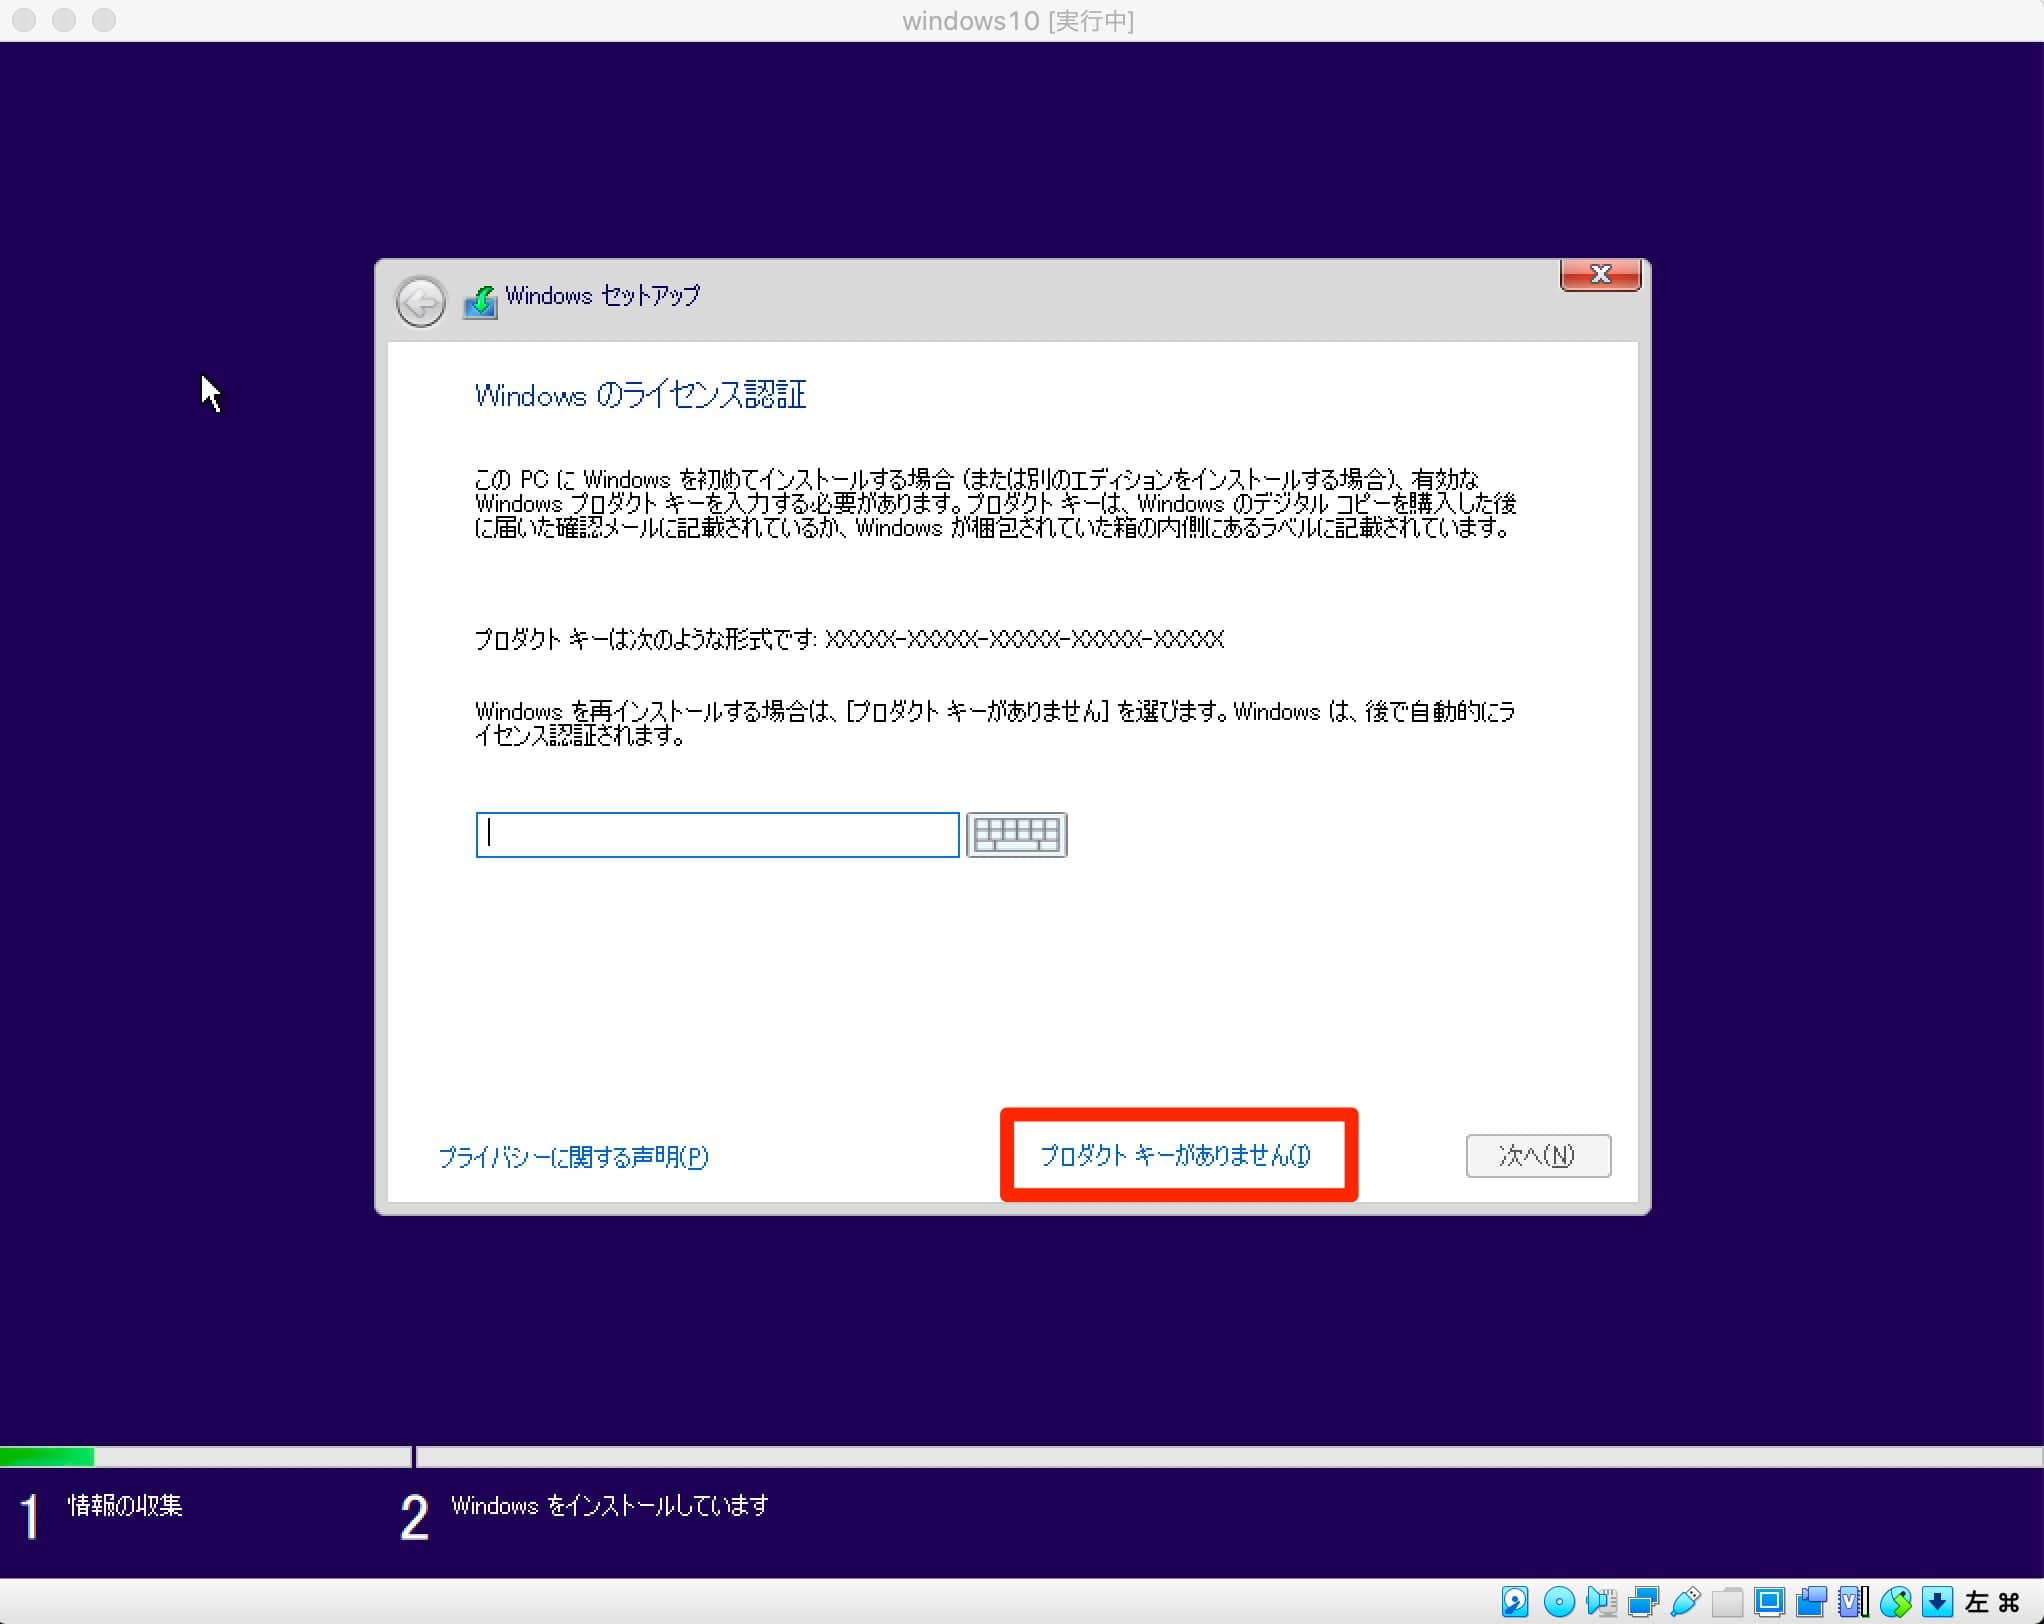 Windows10のライセンス認証